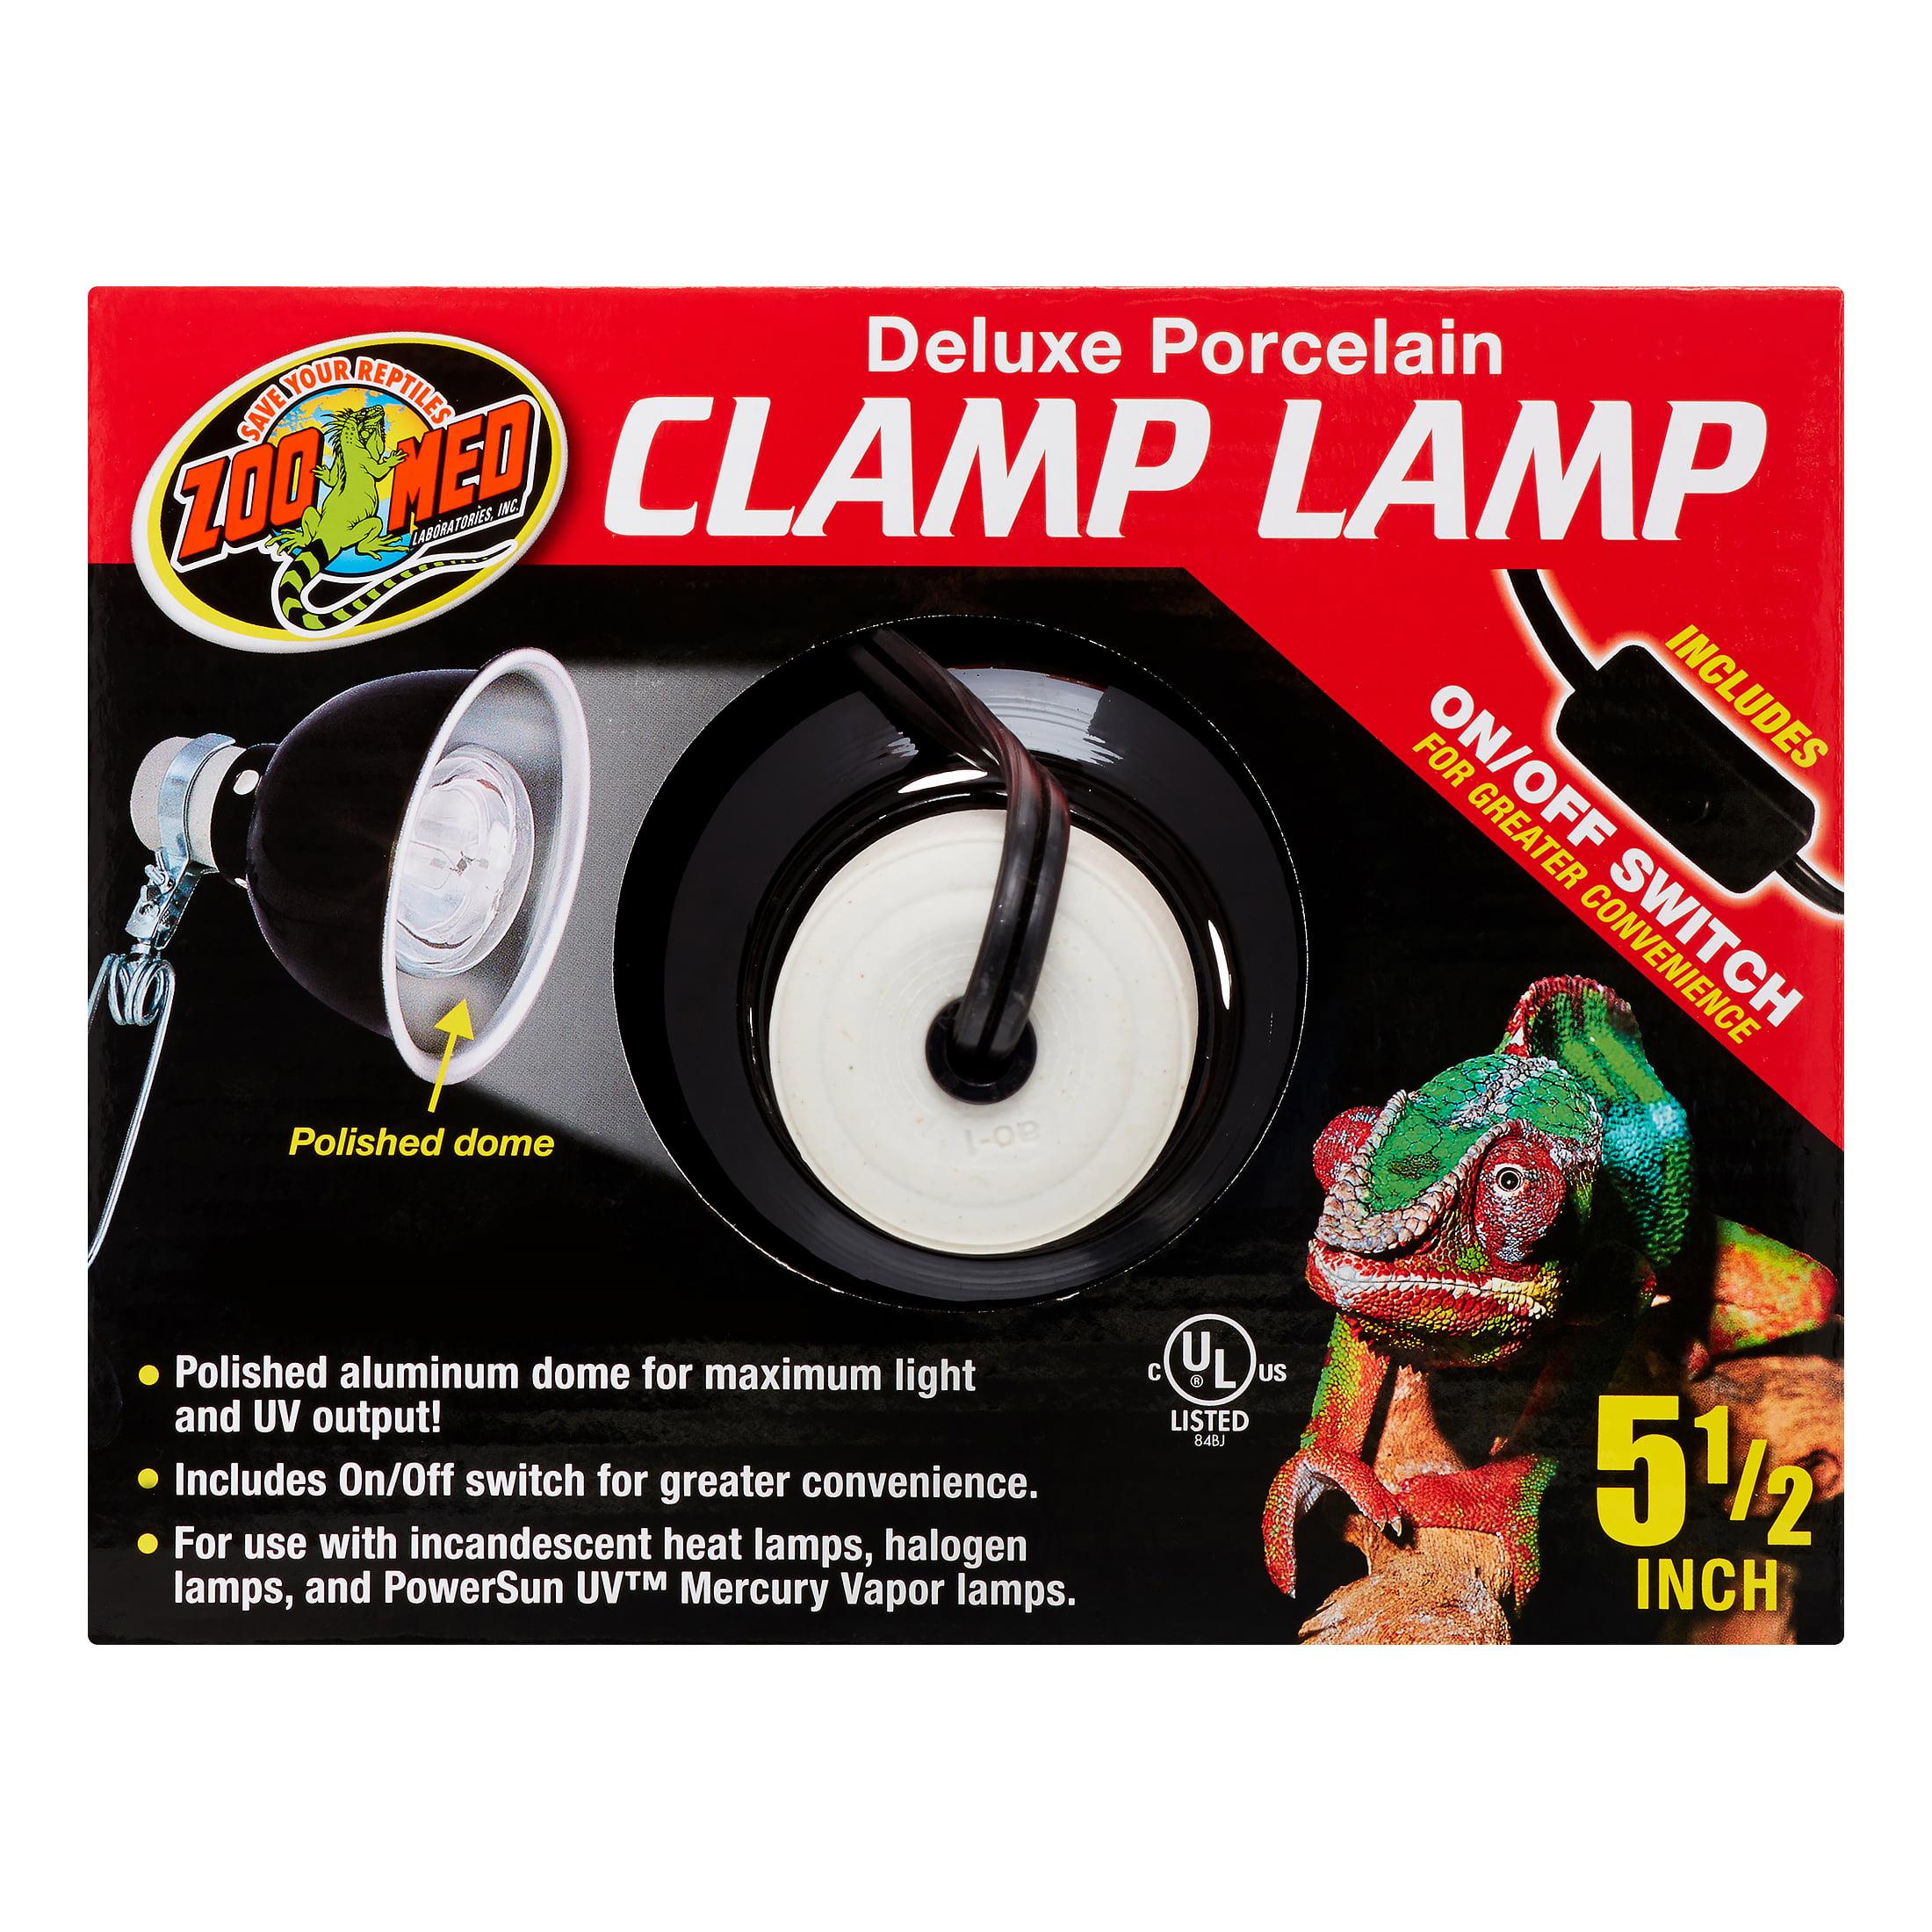 Zoo Med Deluxe Porcelain Clamp Lamp 5 5 Quot 100 Watt Walmart Com Walmart Com